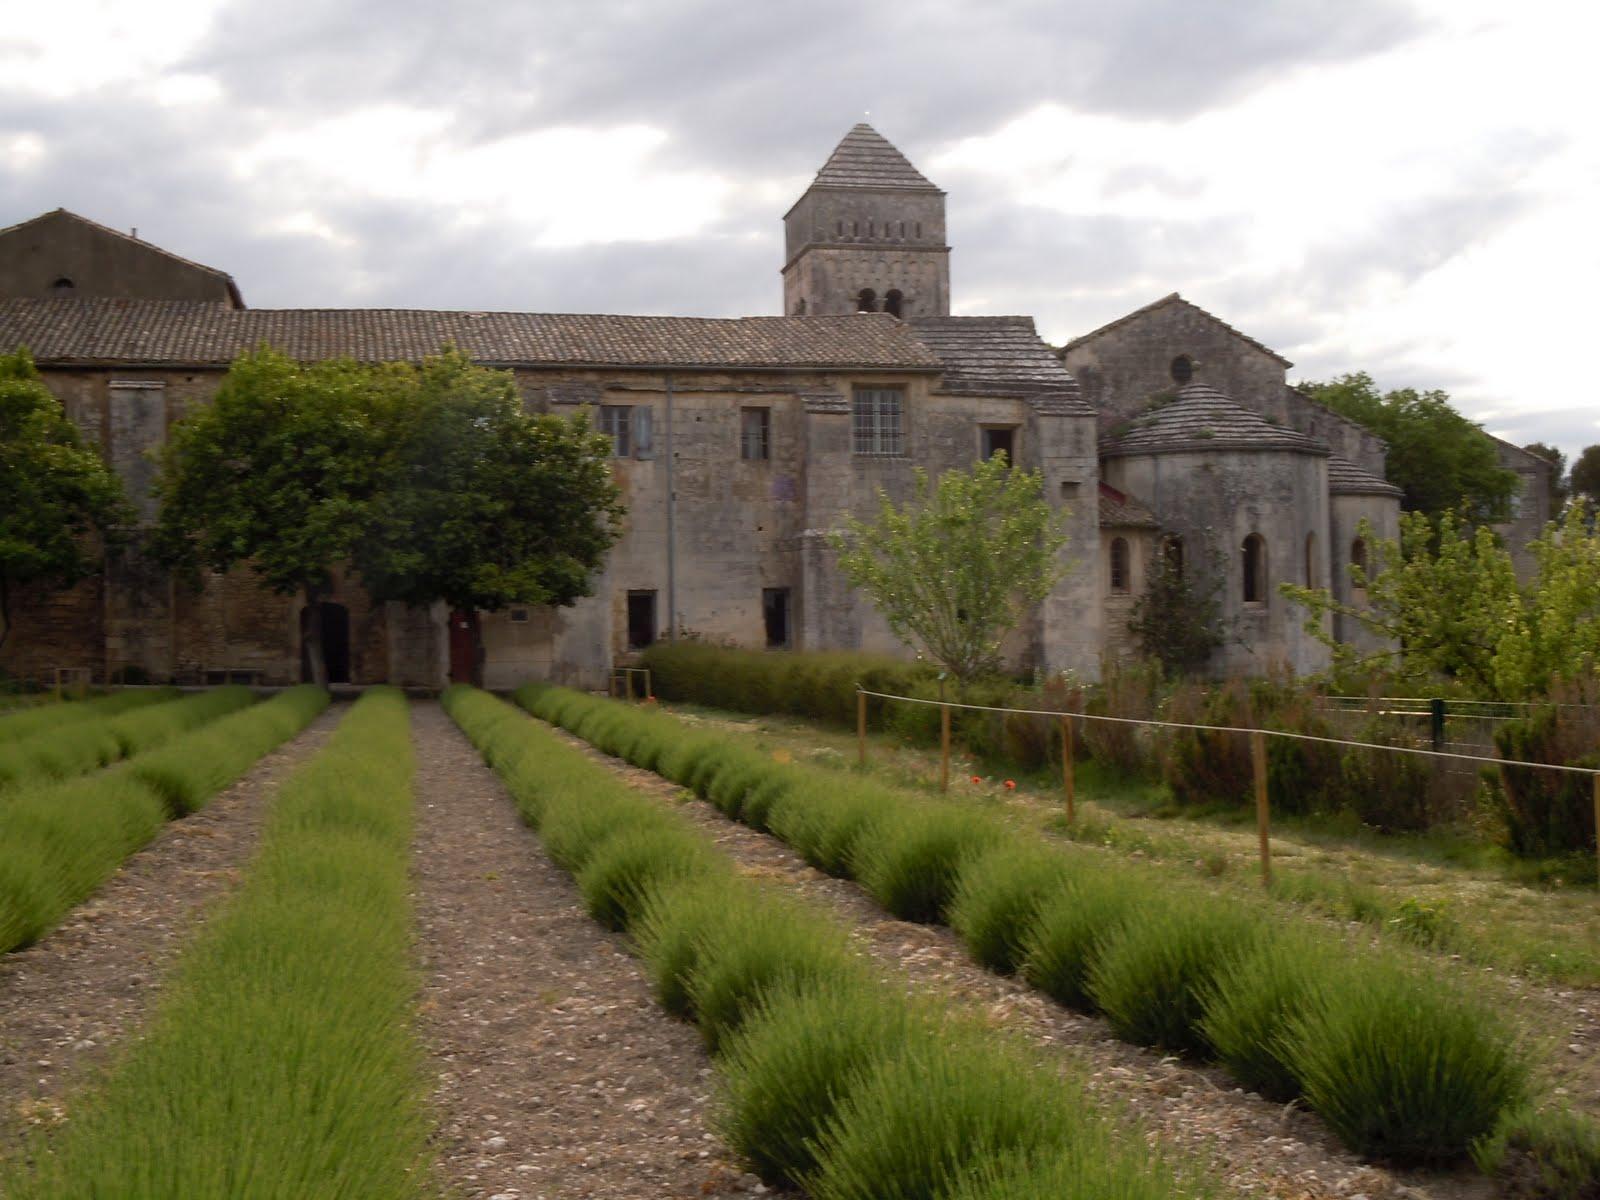 Rando et Virolo: Maussane-les-Alpilles  un week-end en Provence.